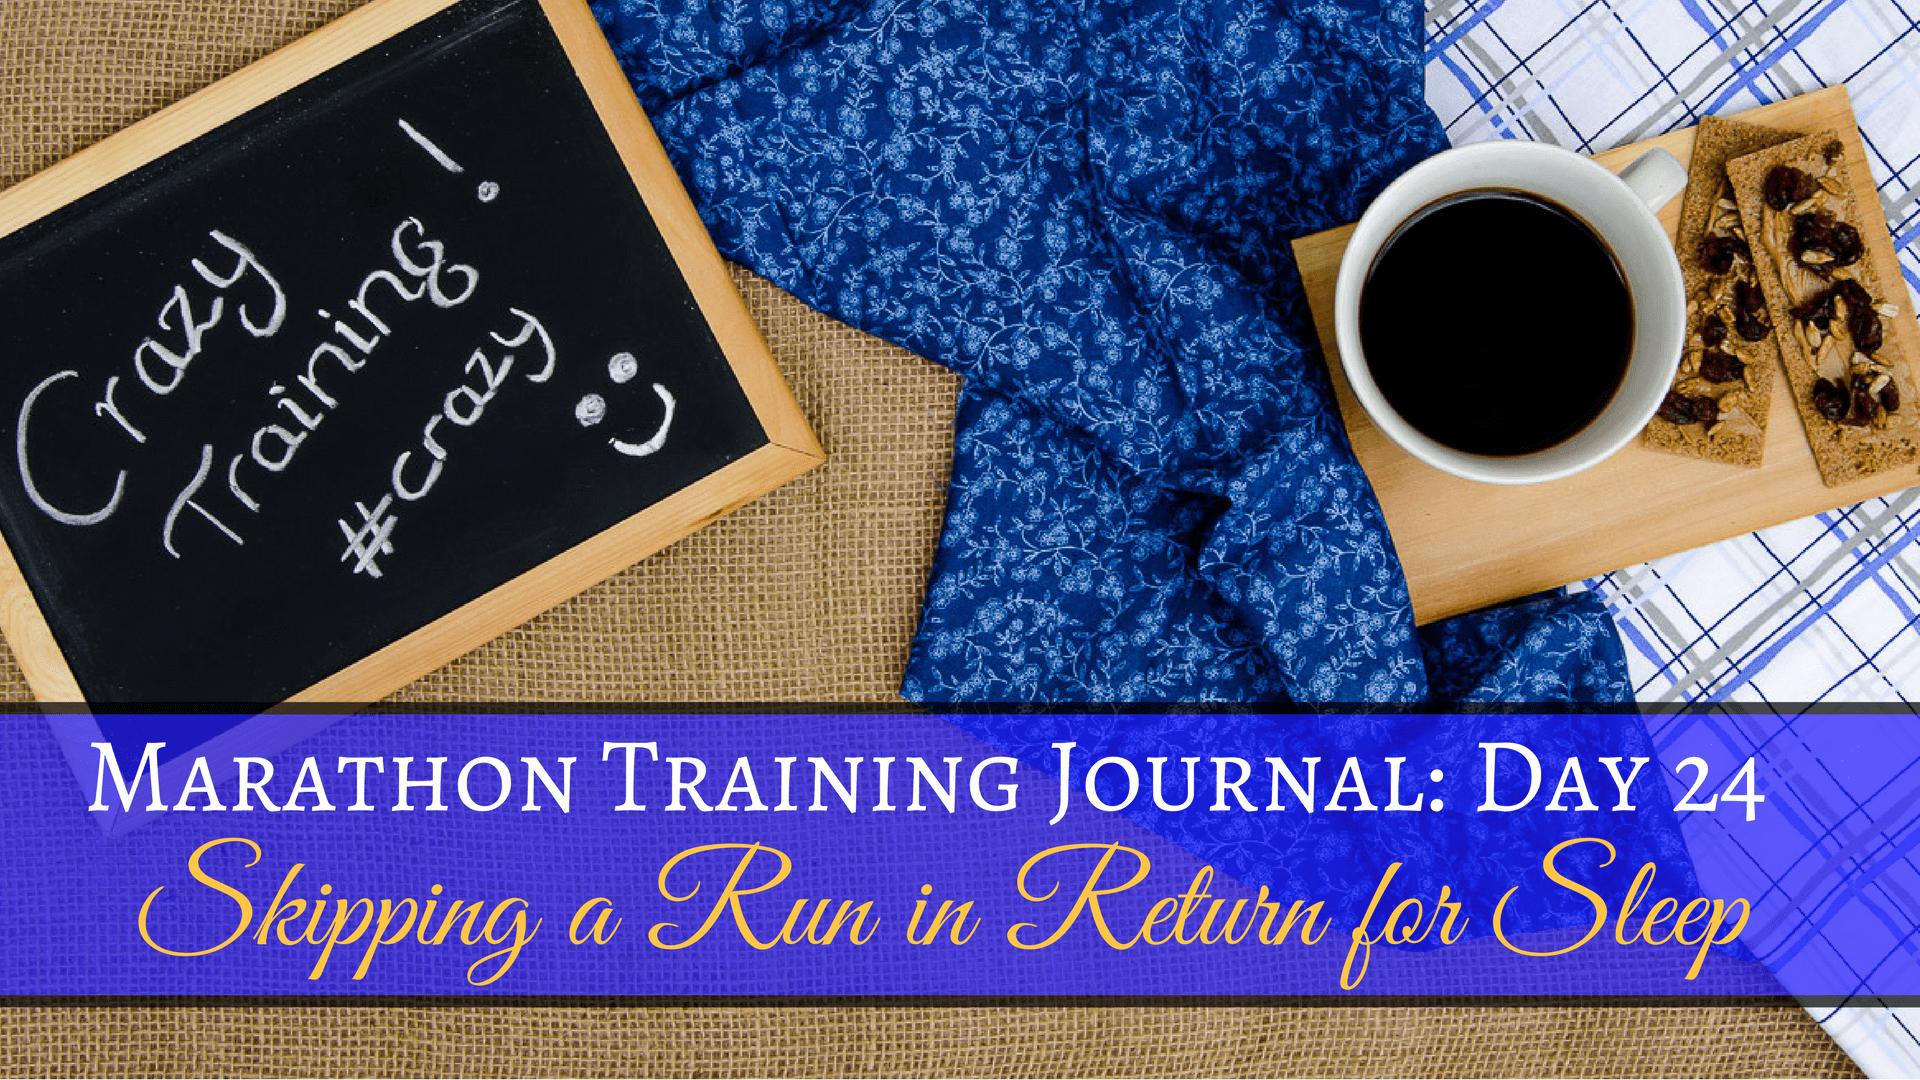 Marathon Training Journal- Day 24 (3)